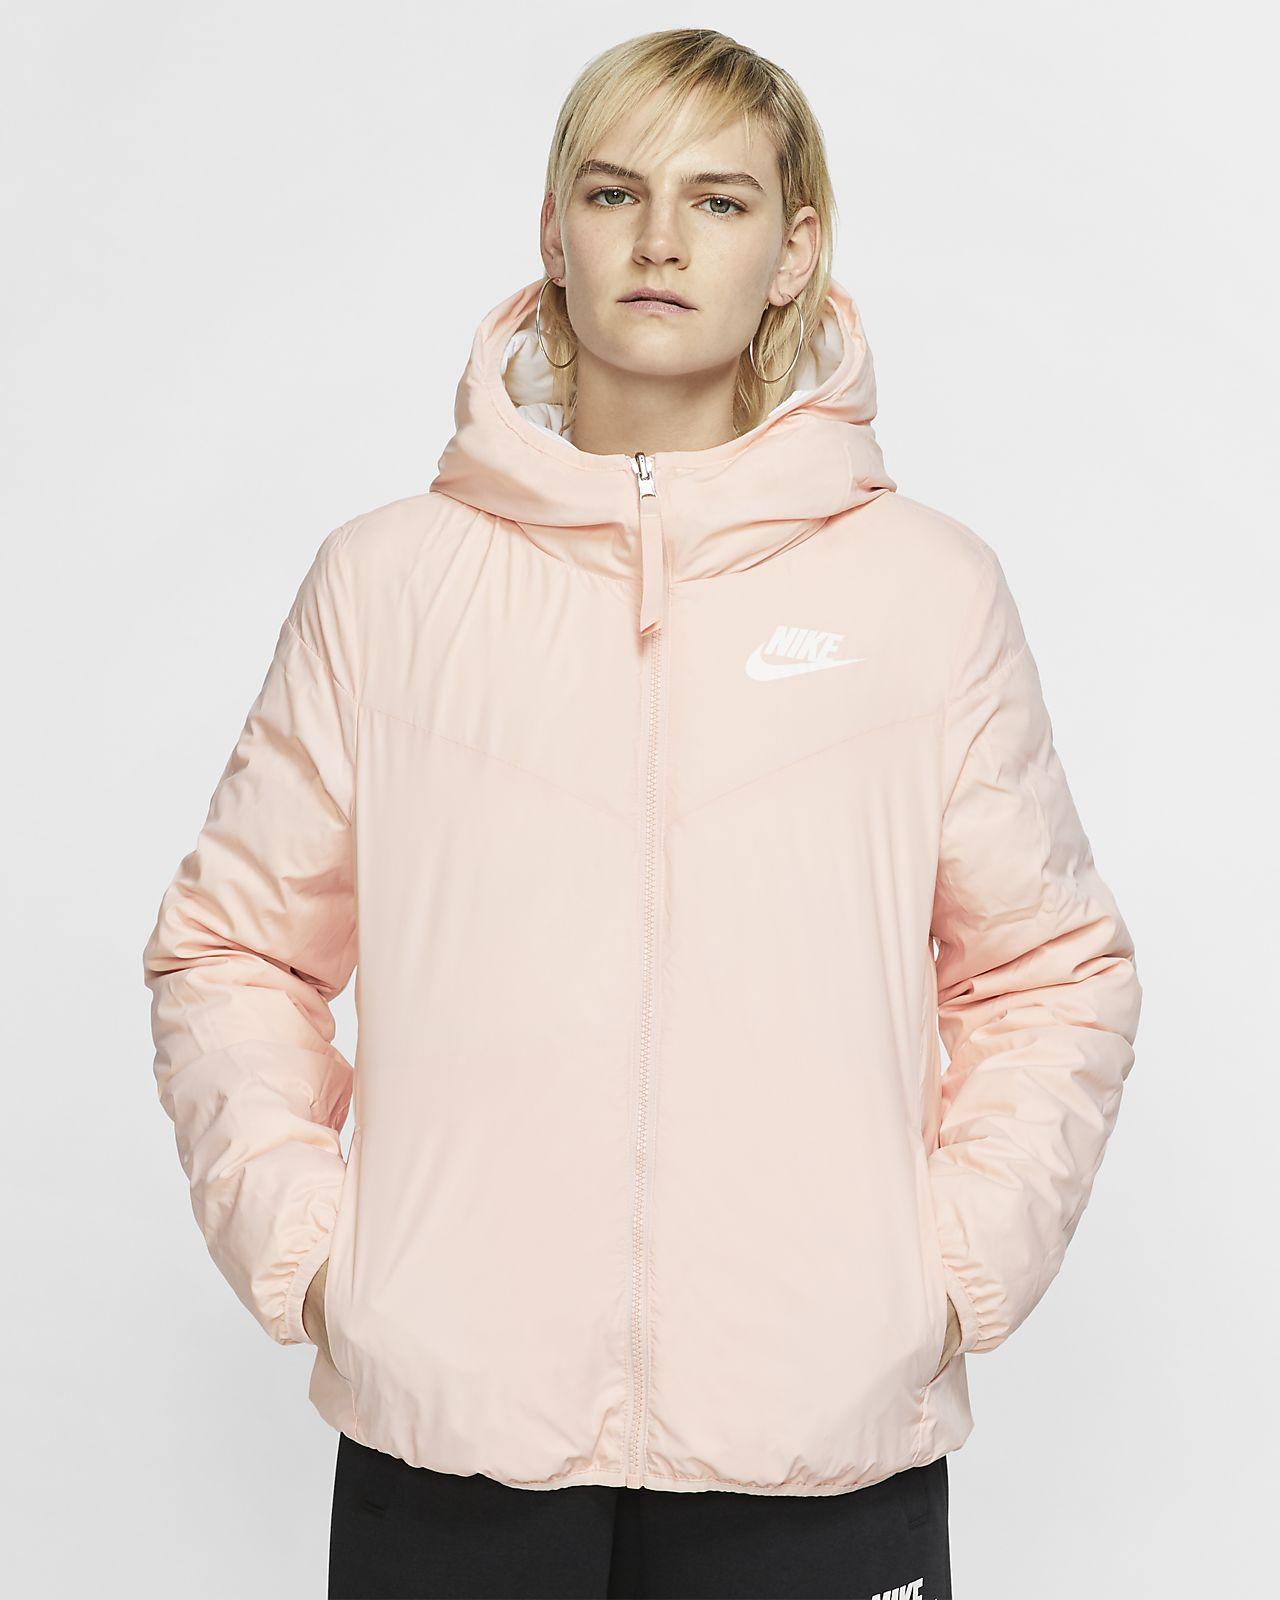 Nike Sportswear Reversible Windrunner Jacket | 939442 101